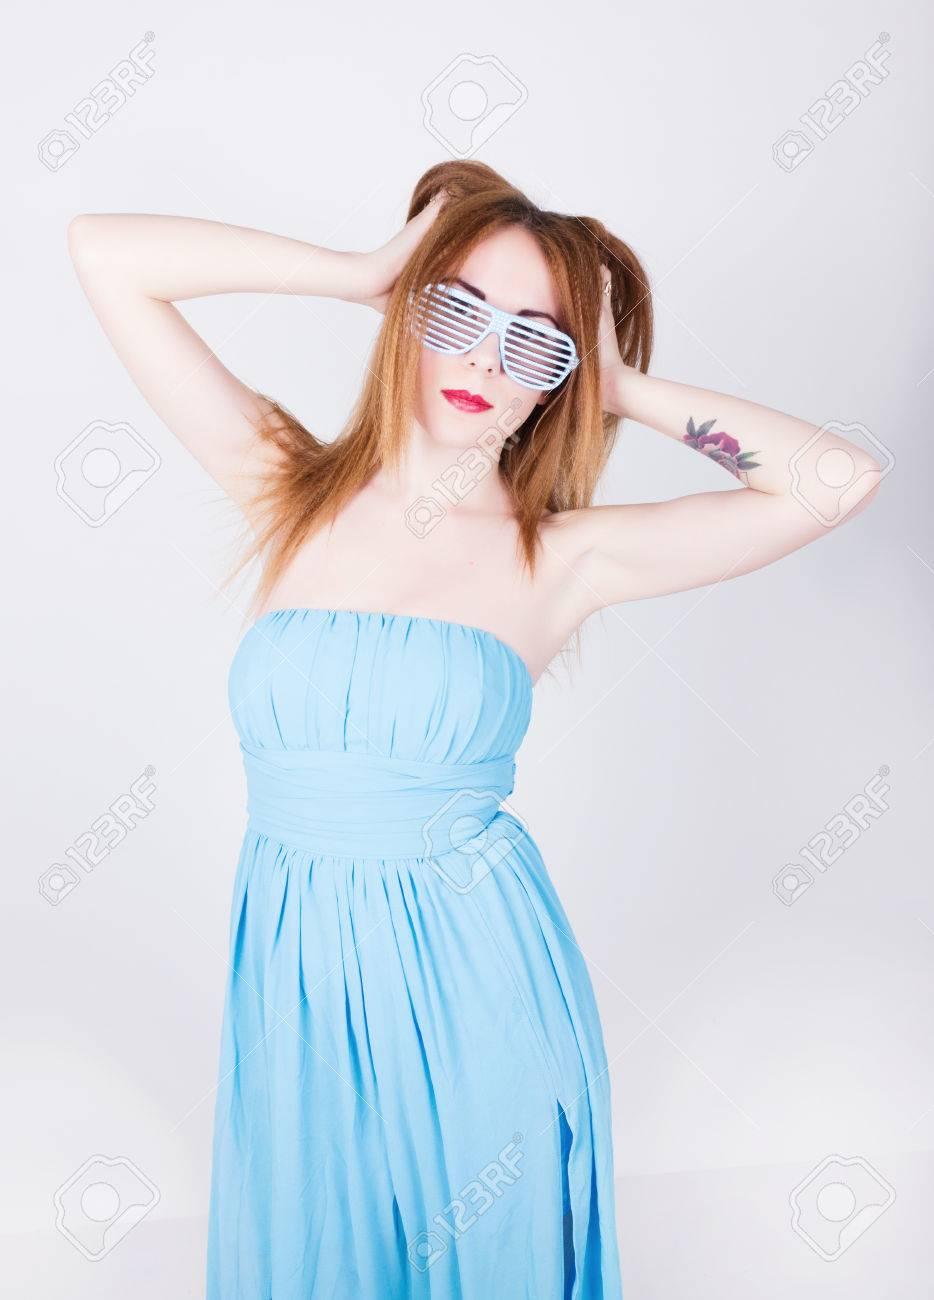 Musica el vestido azul